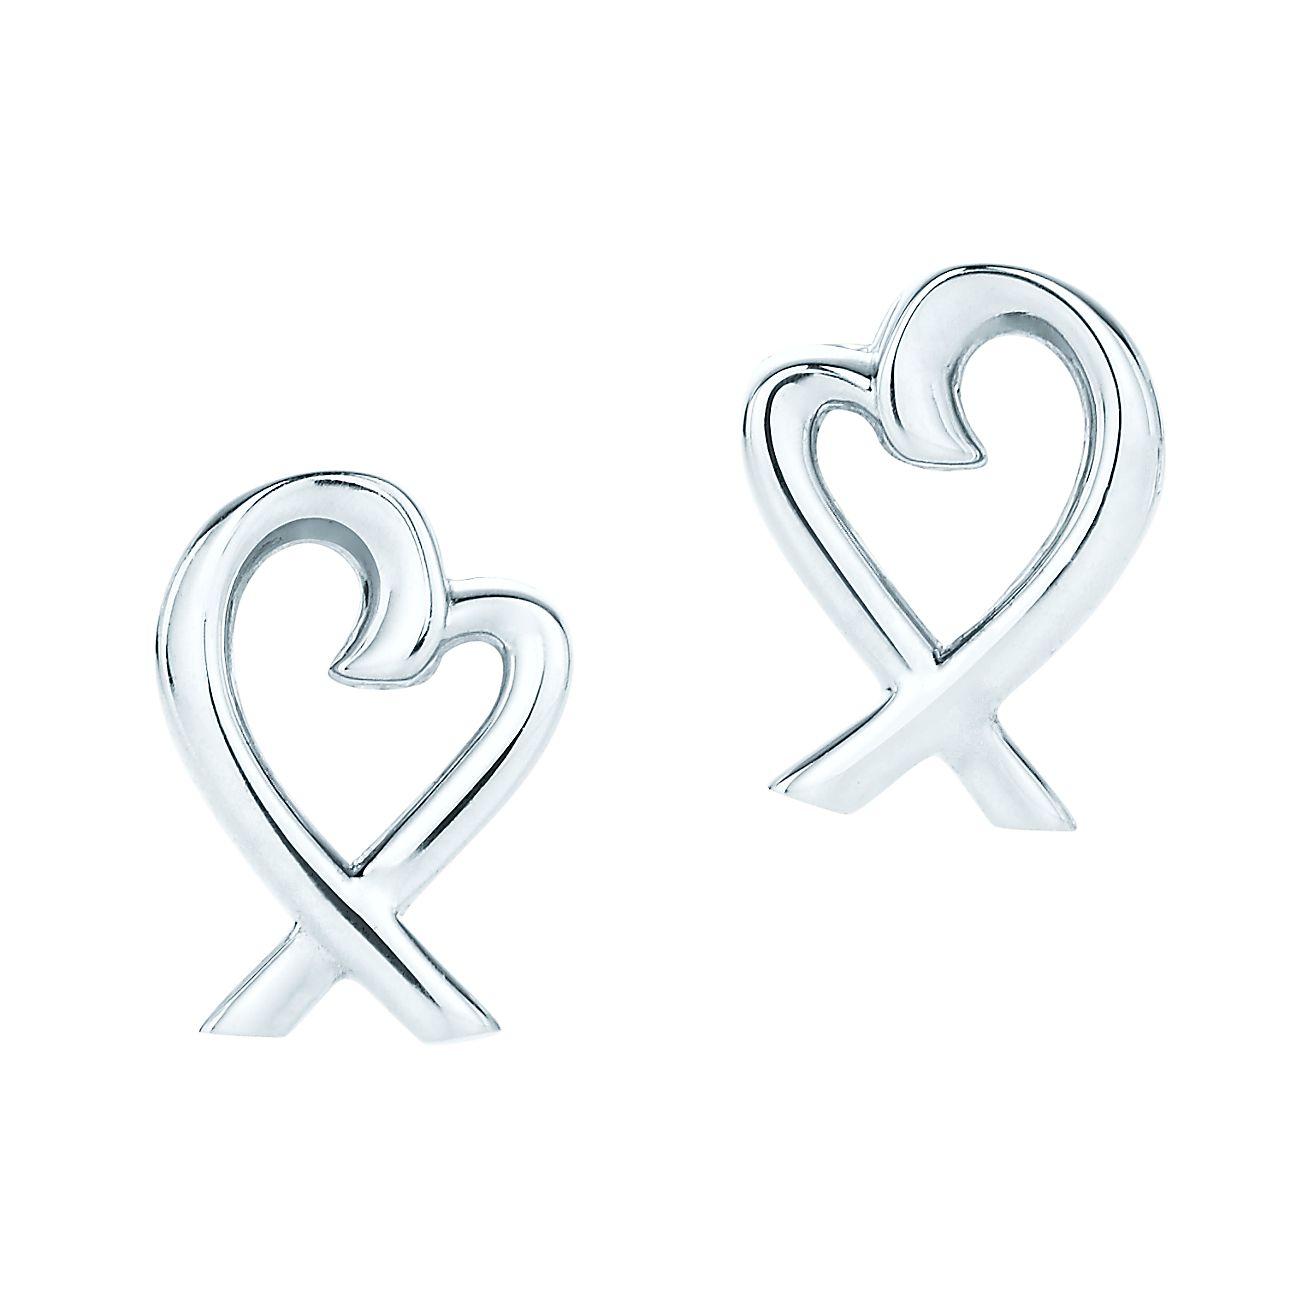 Paloma Pico Loving Heart Earrings In Sterling Silver Tiffany Co